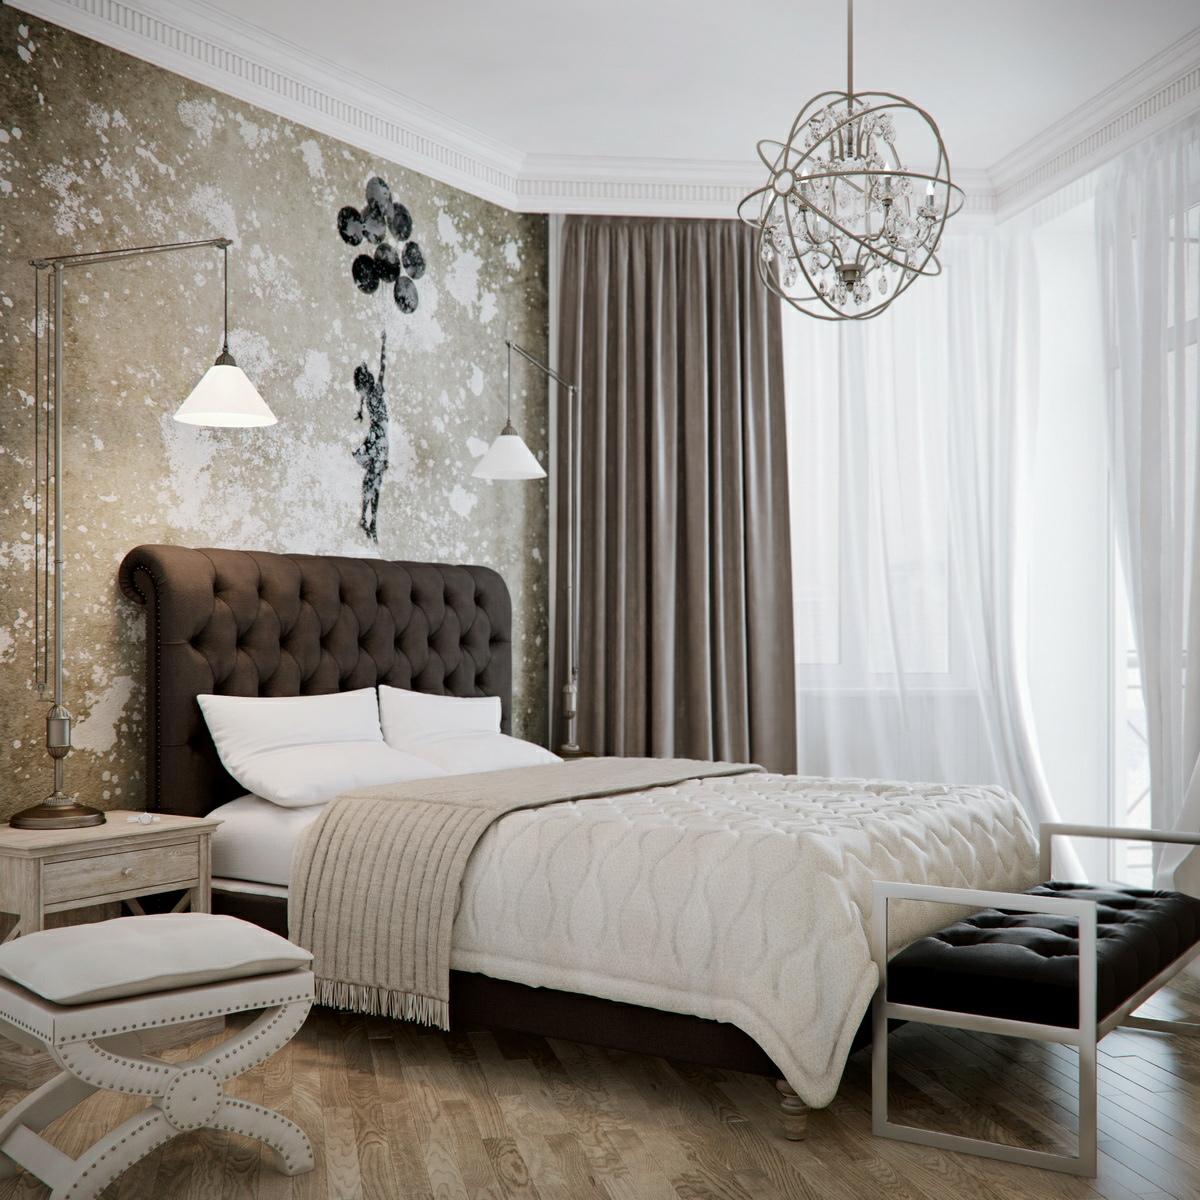 8-brun-beige-værelses-design